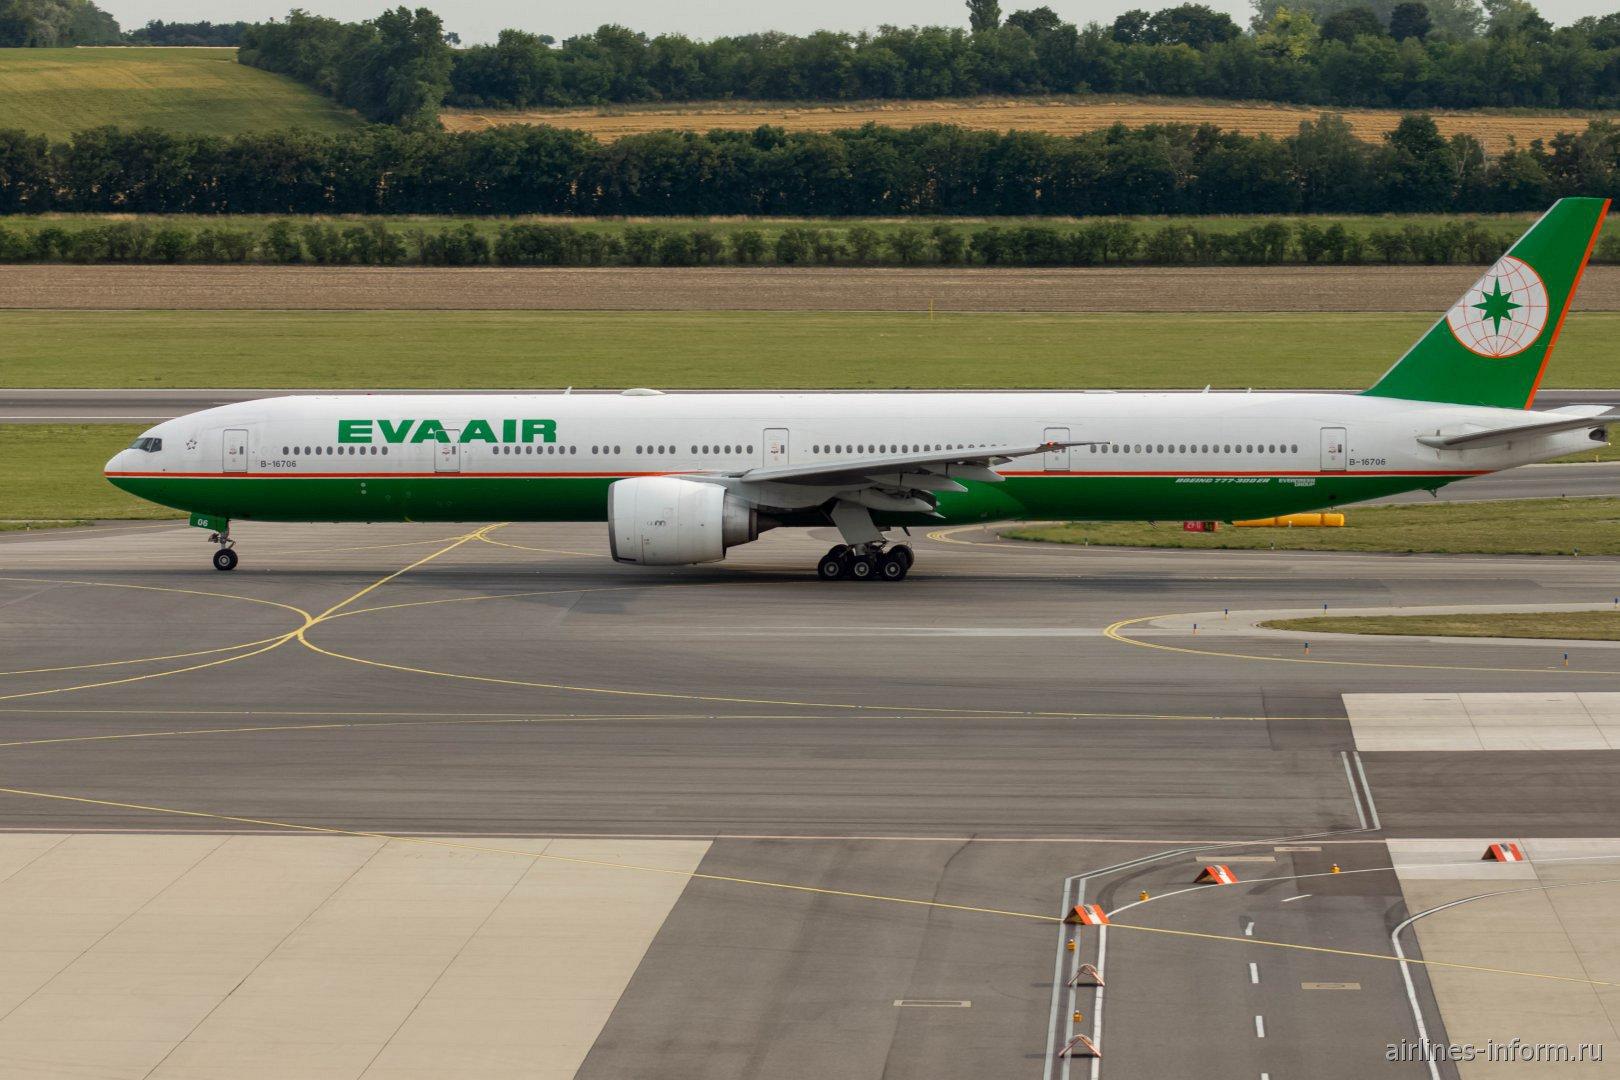 Самолет Boeing 777-300ER авиакомпании EVA Air в аэропорту Вена Швехат